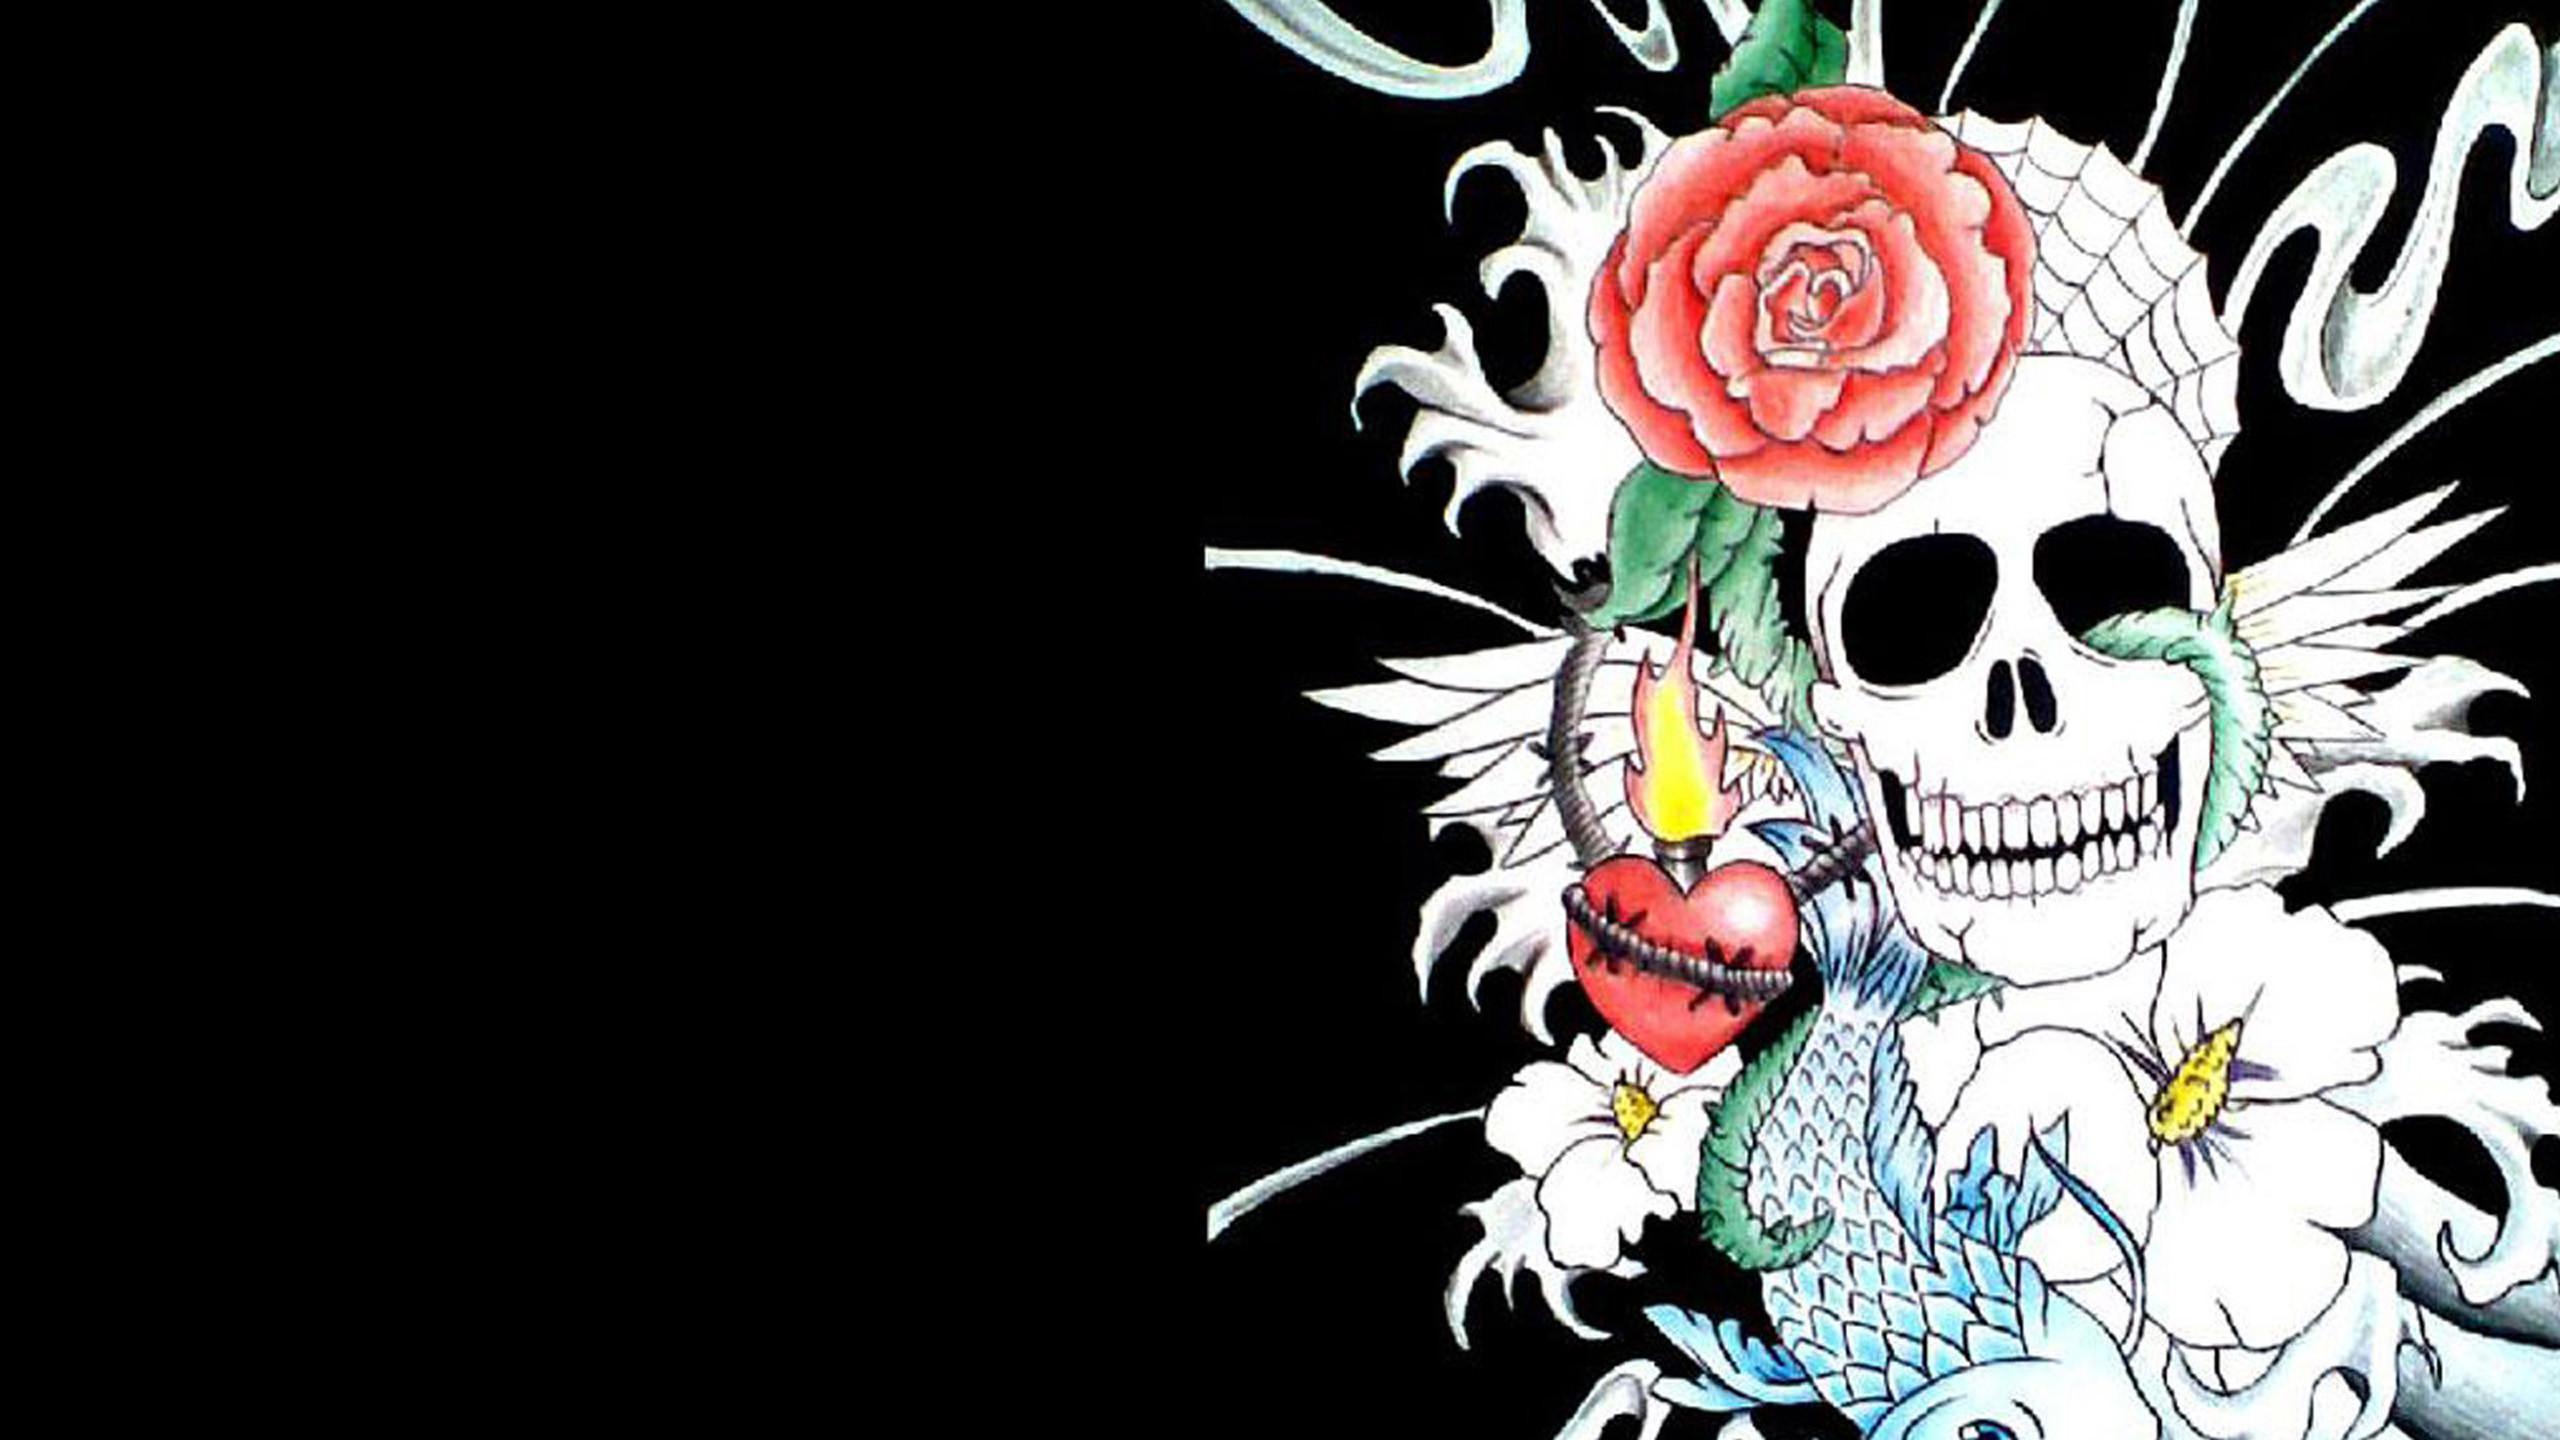 Skulls wallpaper hd 65 images - Sugar skull background ...